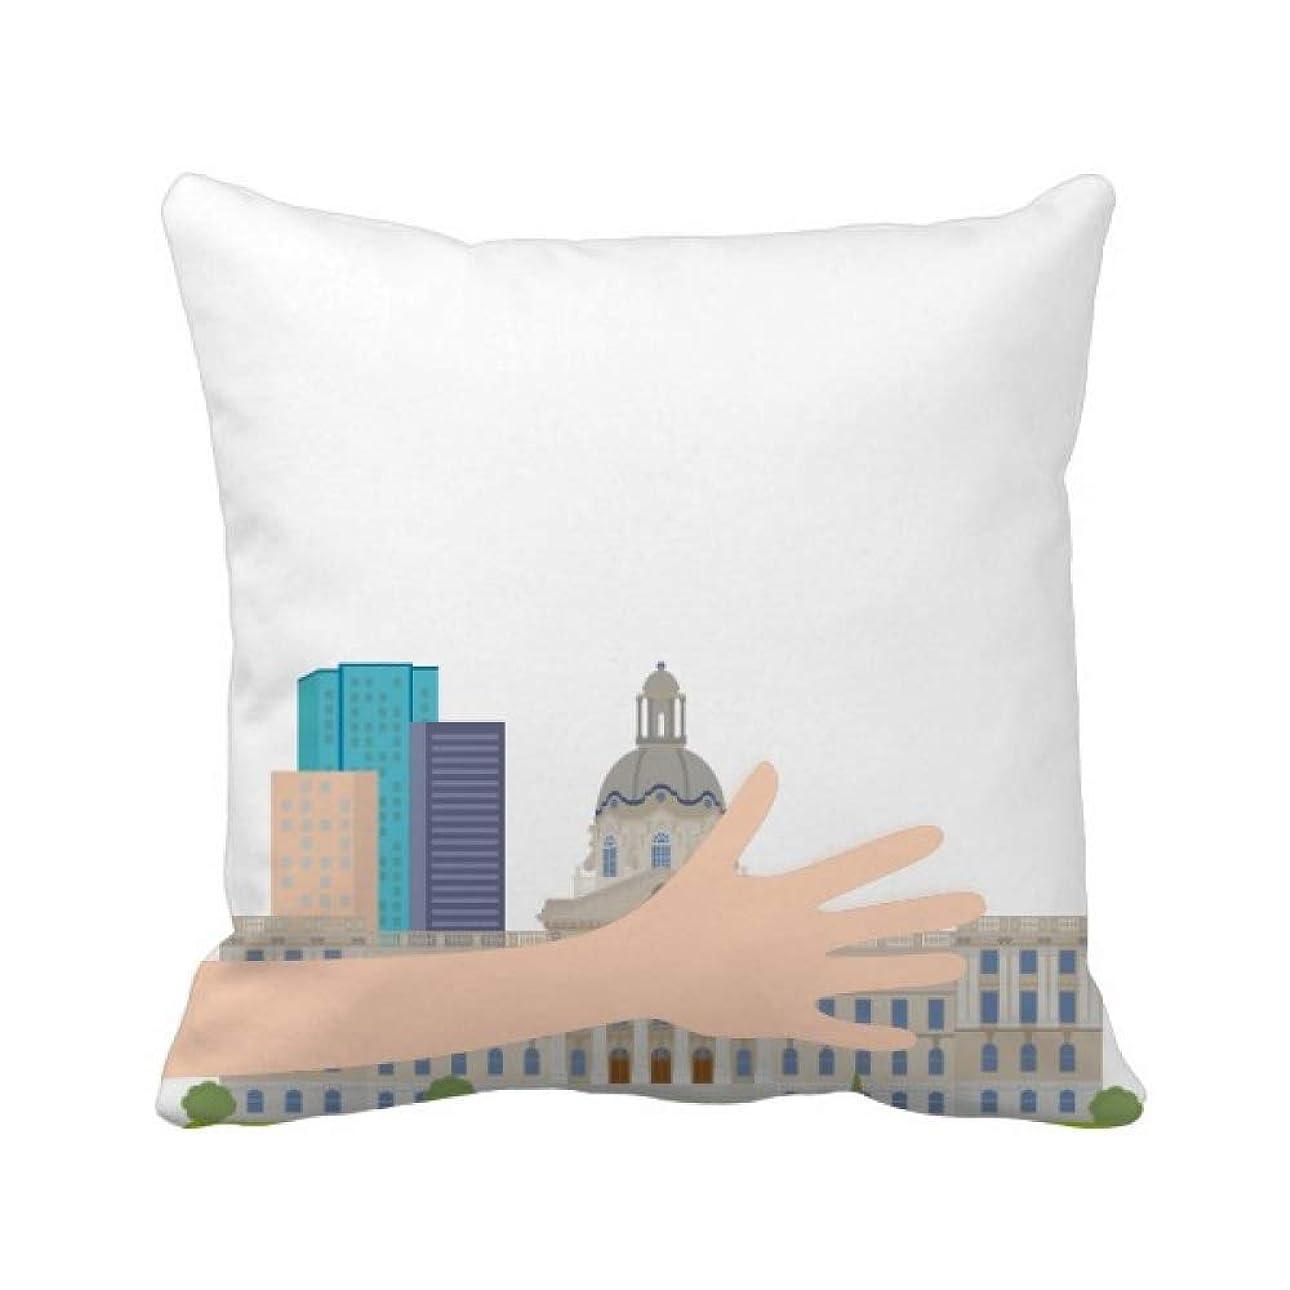 グラム人気のライブカナダランドマークと都市建築物の漫画 手投げ枕カバー正方形